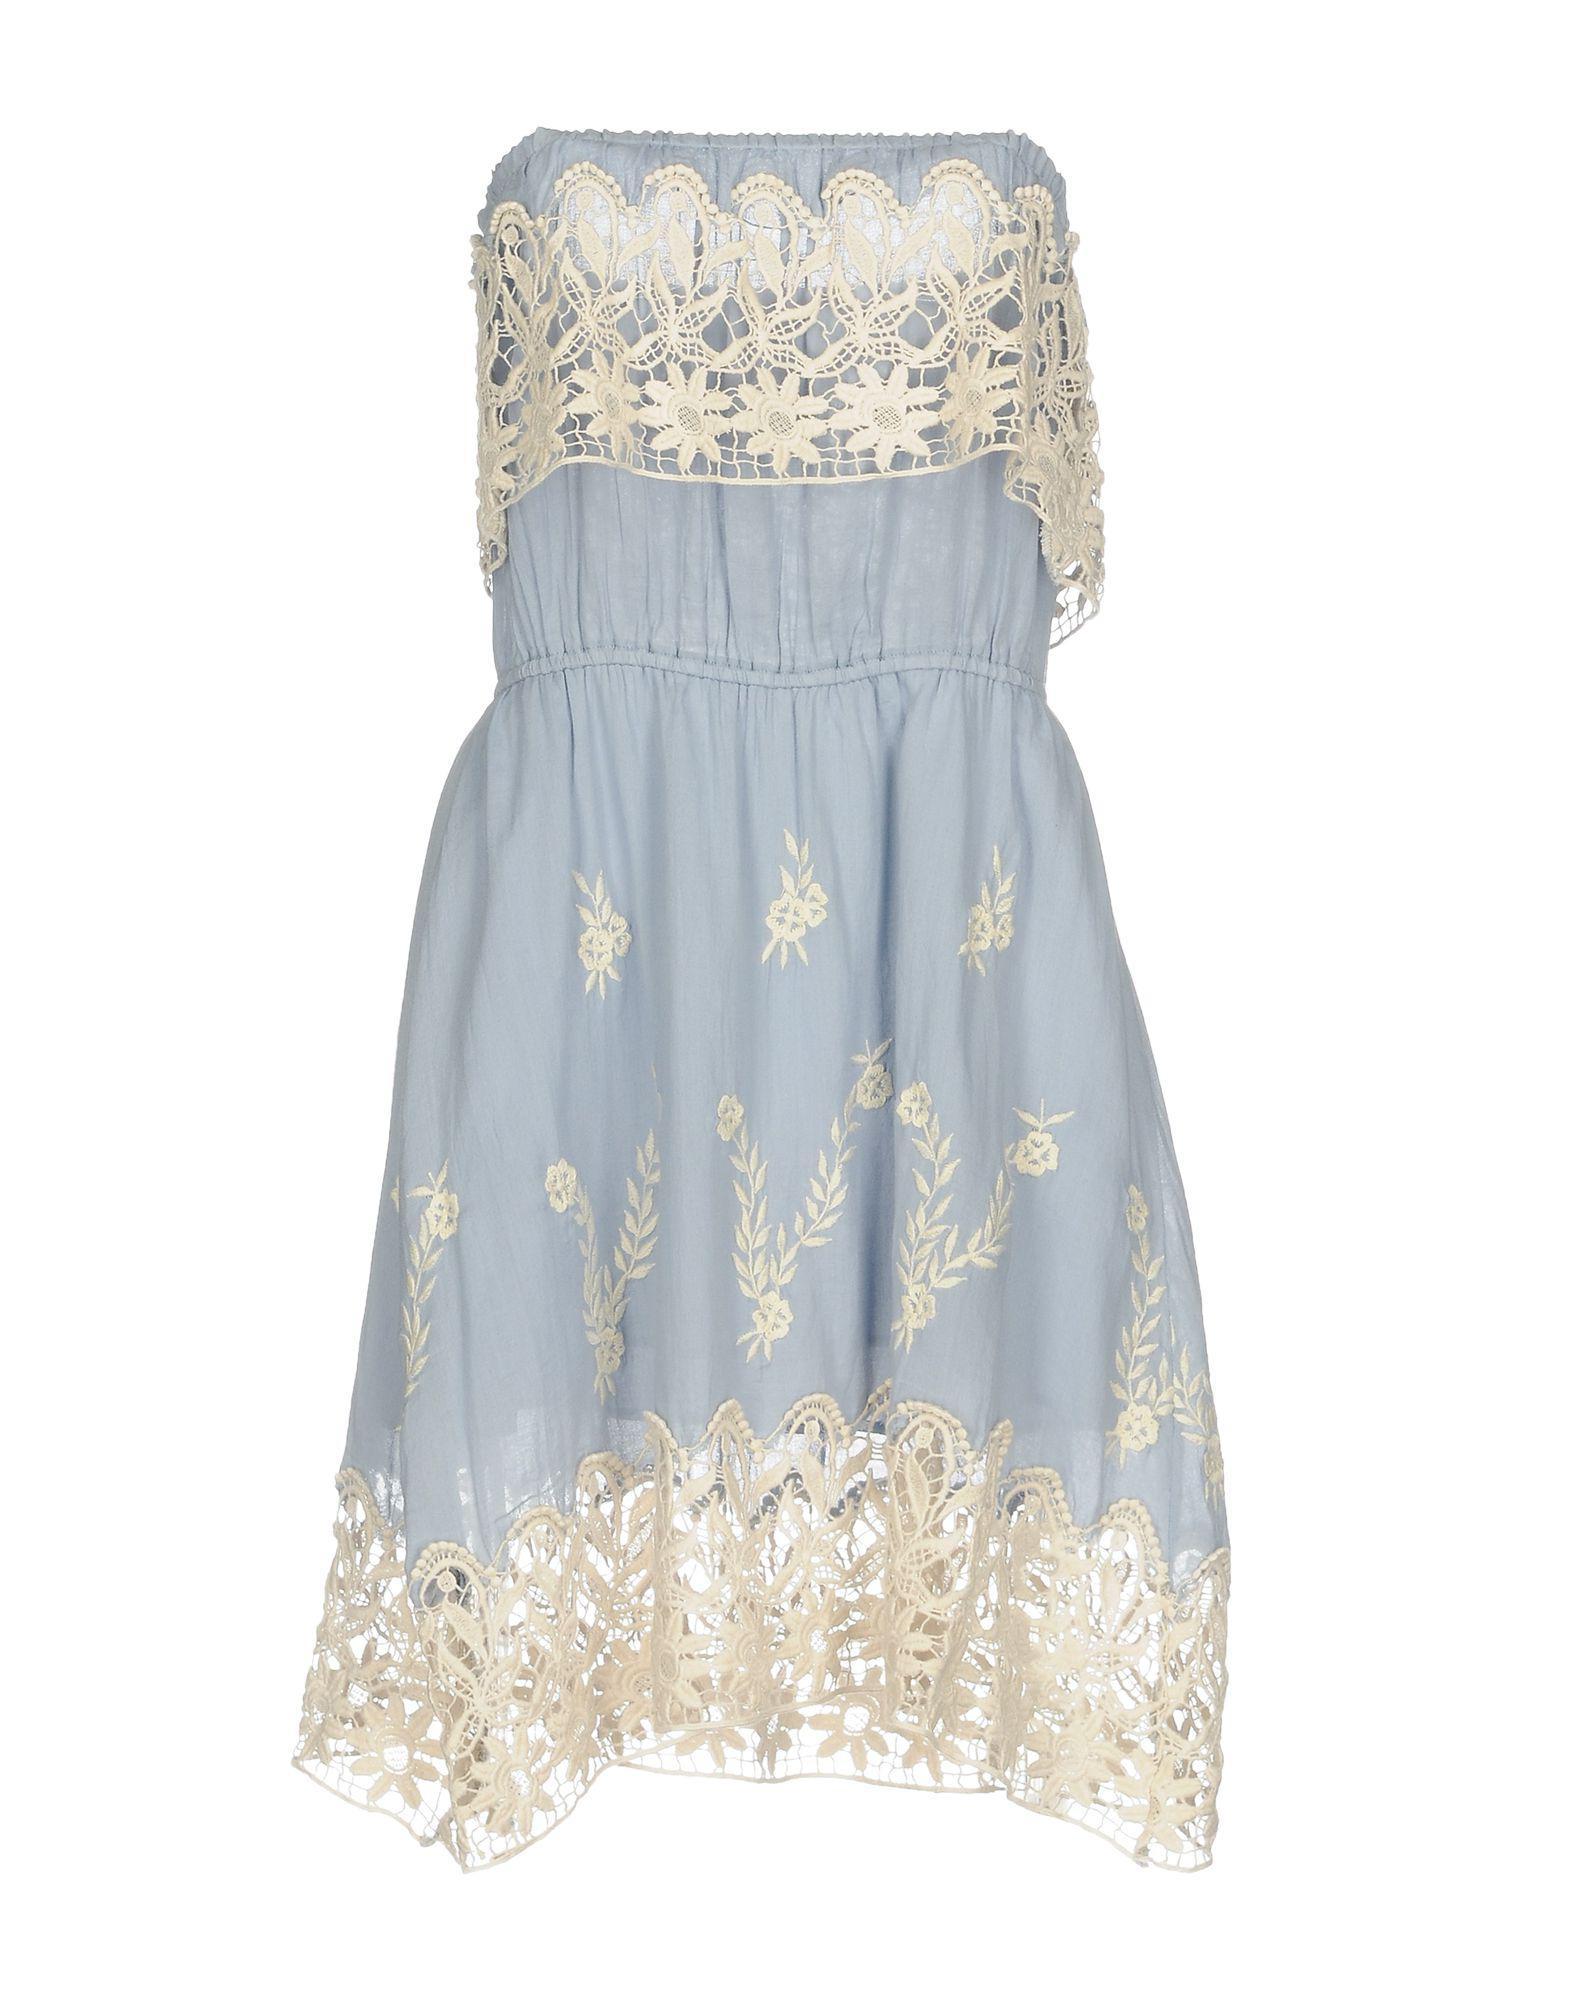 DRESSES - Short dresses Christophe Sauvat O5X4nQAe0